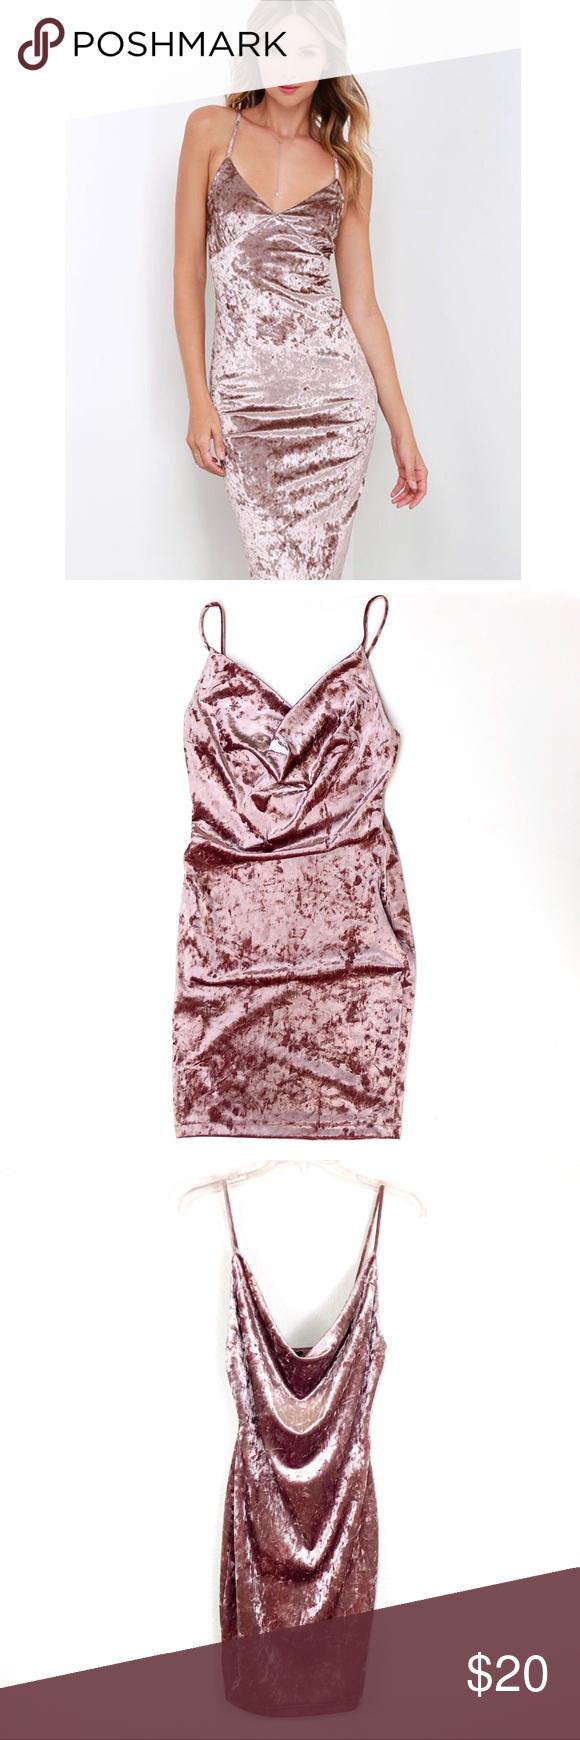 Windsor Blush Velvet Spaghetti Strap Mini Dress Windsor Spaghetti Strap Dress Blush Pink Crushed Velvet Fabric Unknown But Is Stret Dresses Spaghetti Strap Dresses Windsor Dresses [ 1740 x 580 Pixel ]